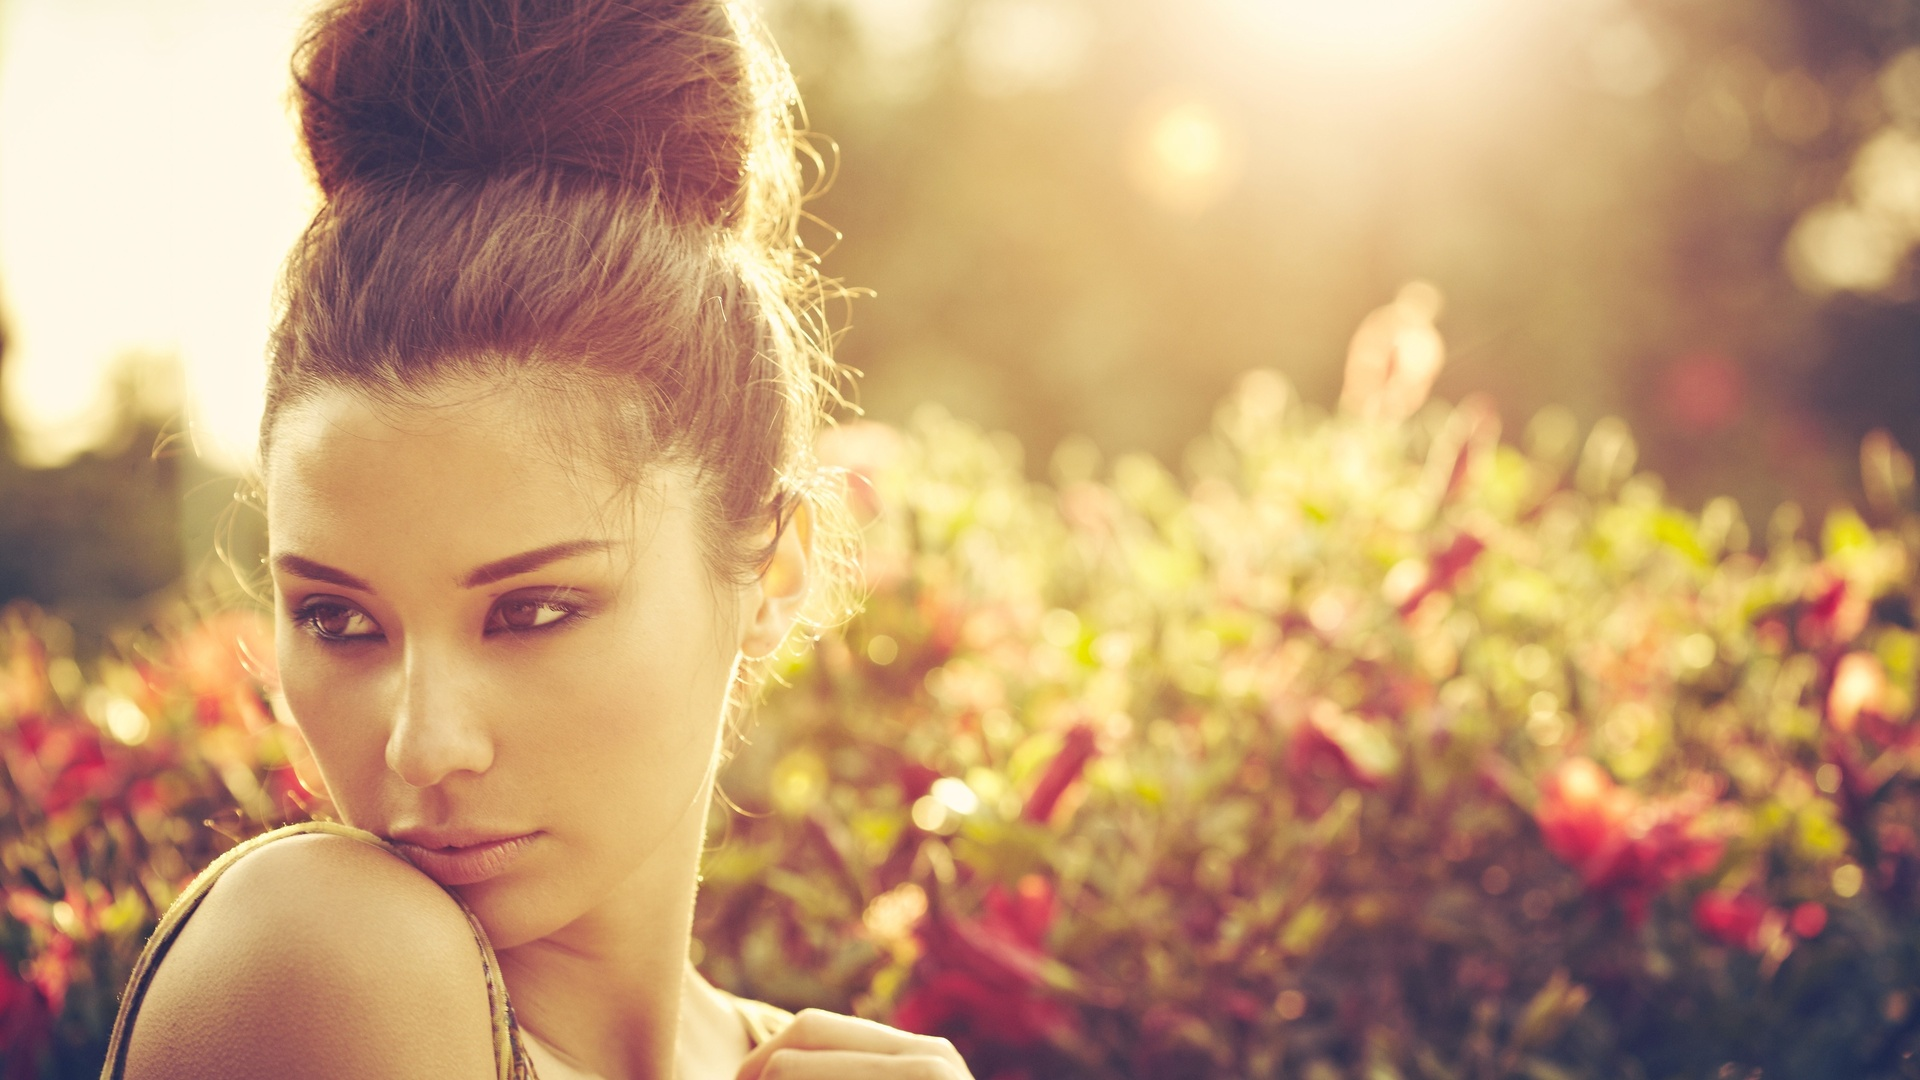 Прическа пучок из волос и как ее сделать на длинные и средние волосы: фото, схема, видео. Пучок объемный и небрежный